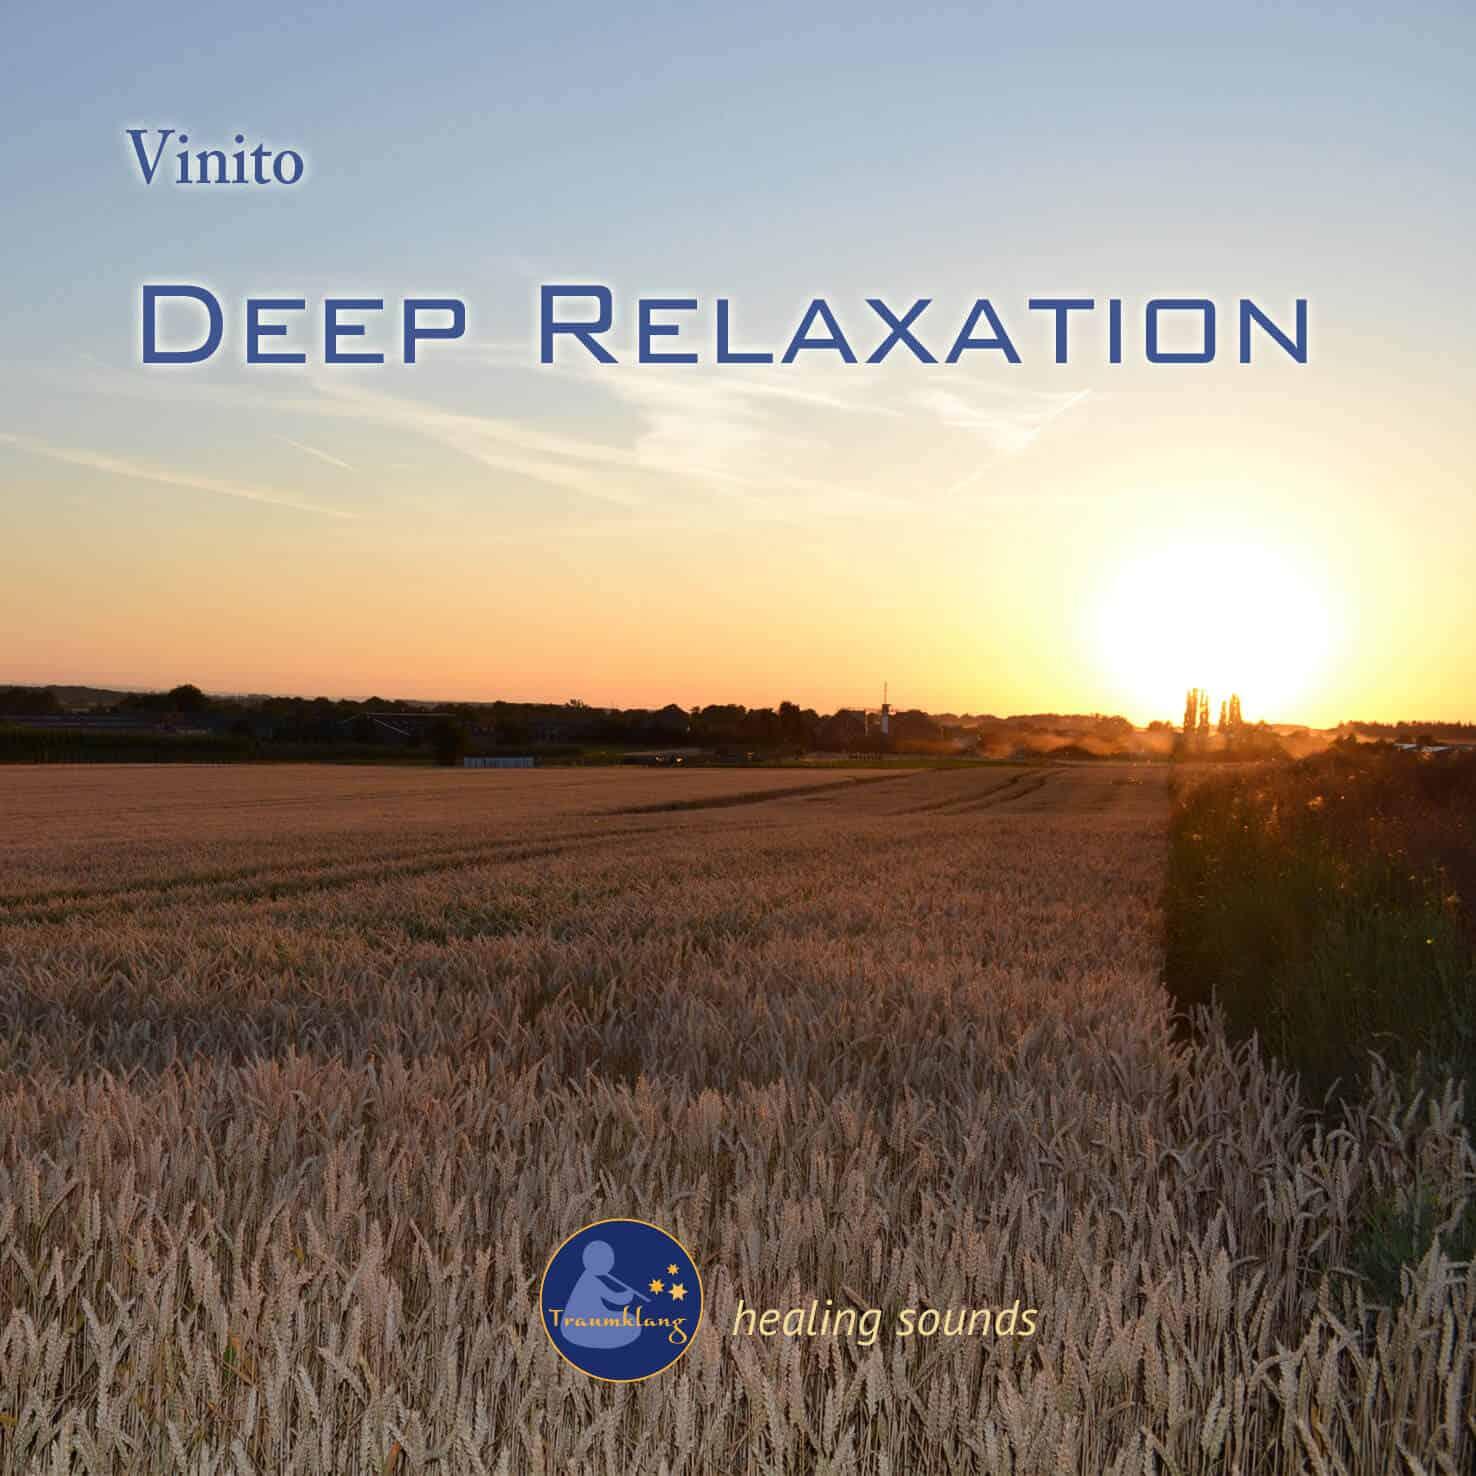 Musik für Tiefenentspannung und Meditation